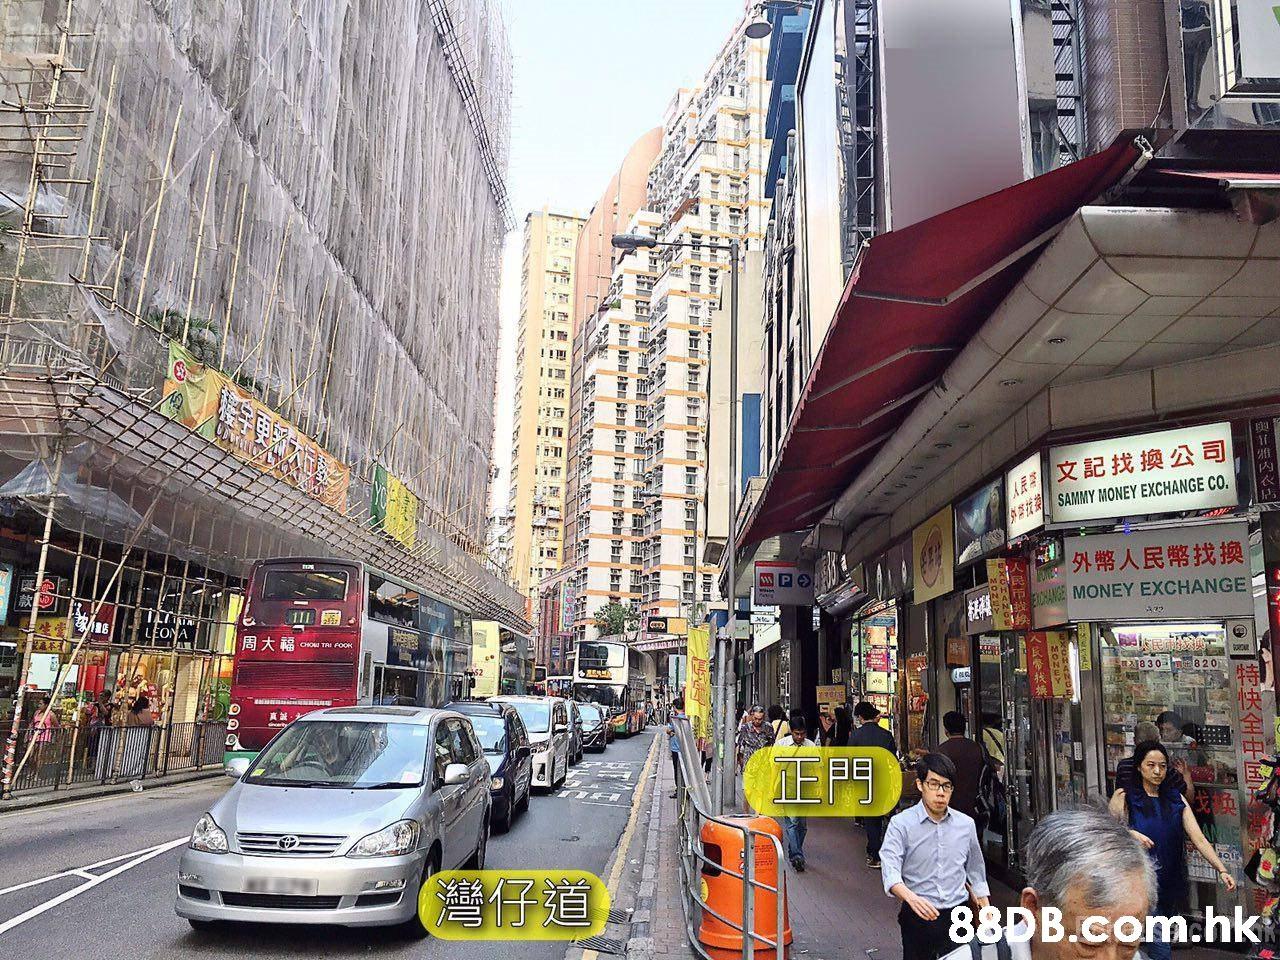 文記找換公司 NS SAMMY MONEY EXCHANGE Co. 外幣人民幣找換 E MONEY EXCHANGE! 周大福 OHO TAI FOOK ৪ 3 0 820 正門 灣仔道 .hki  Urban area,Street,Town,Neighbourhood,City